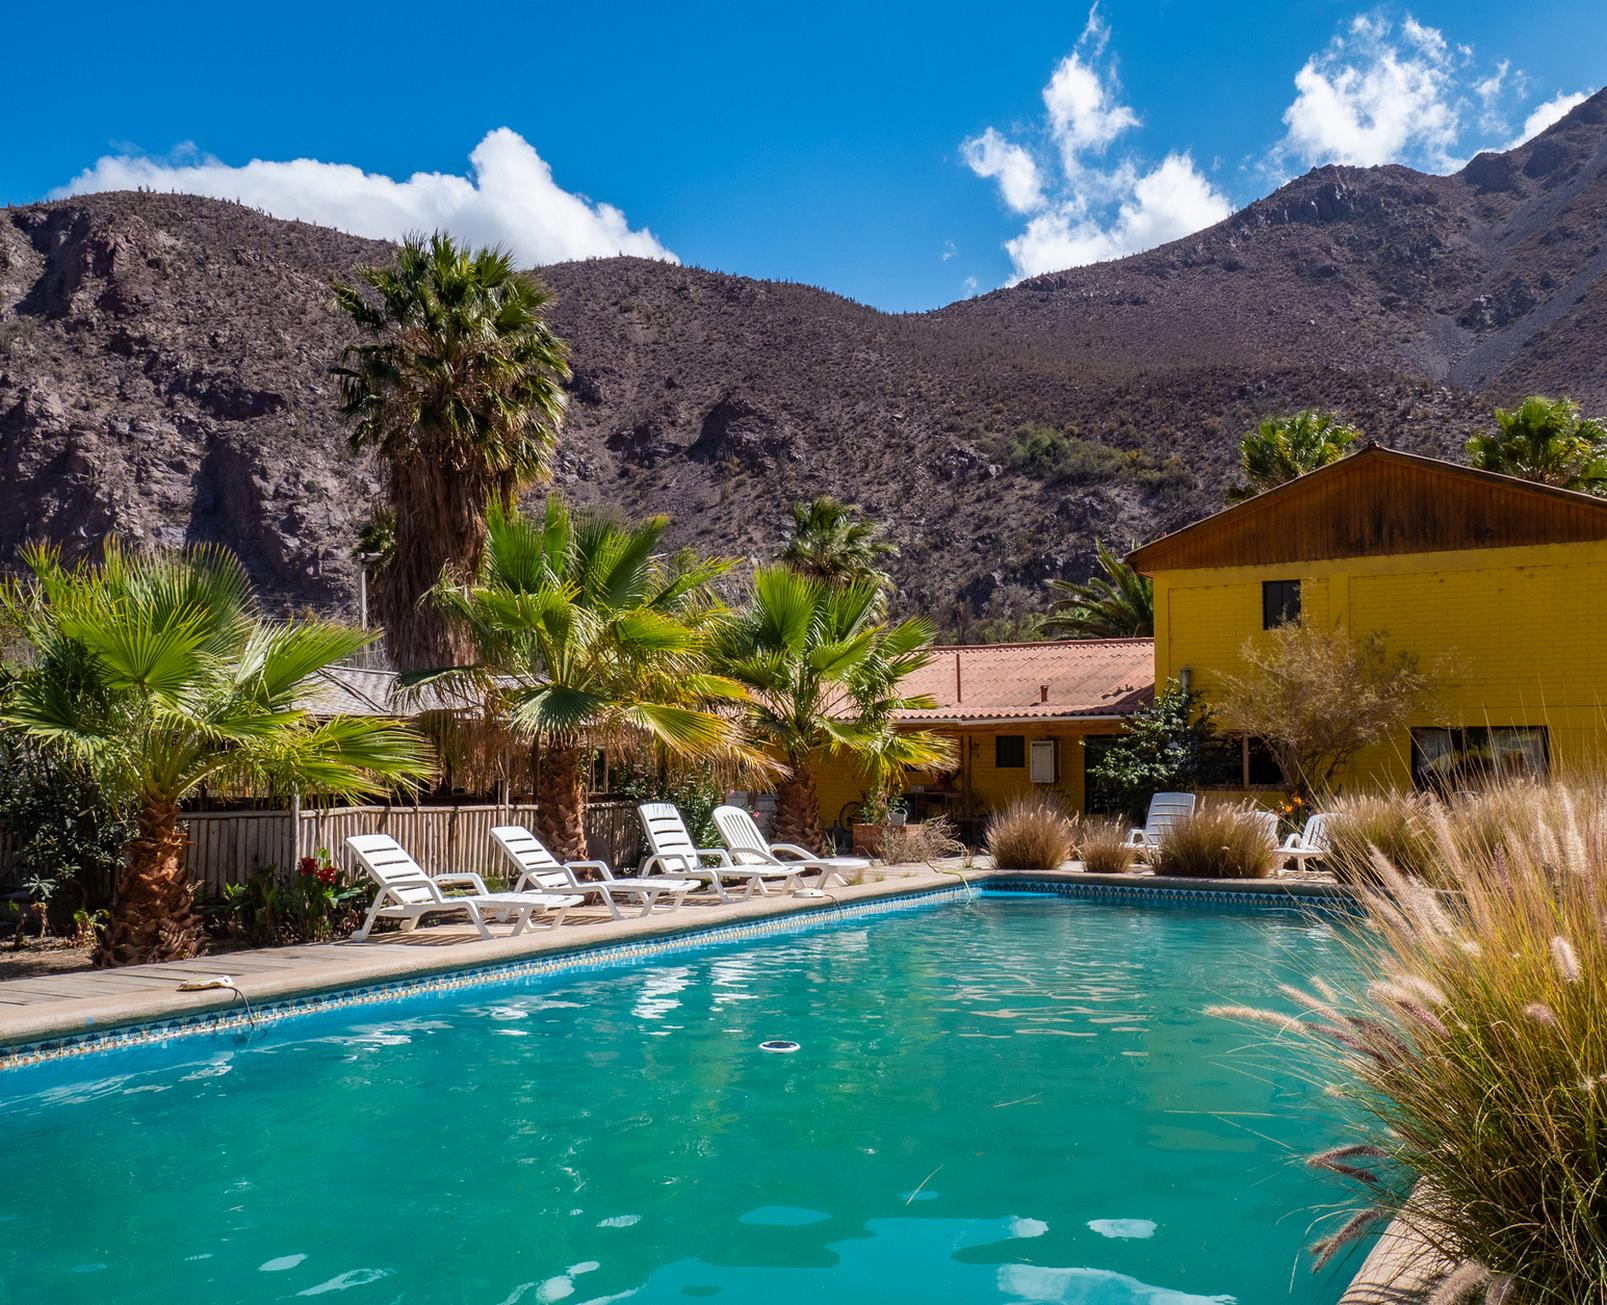 Parcela con linda casa, piscina, quincho y cabaña en el Valle del Elqui. $370 millones